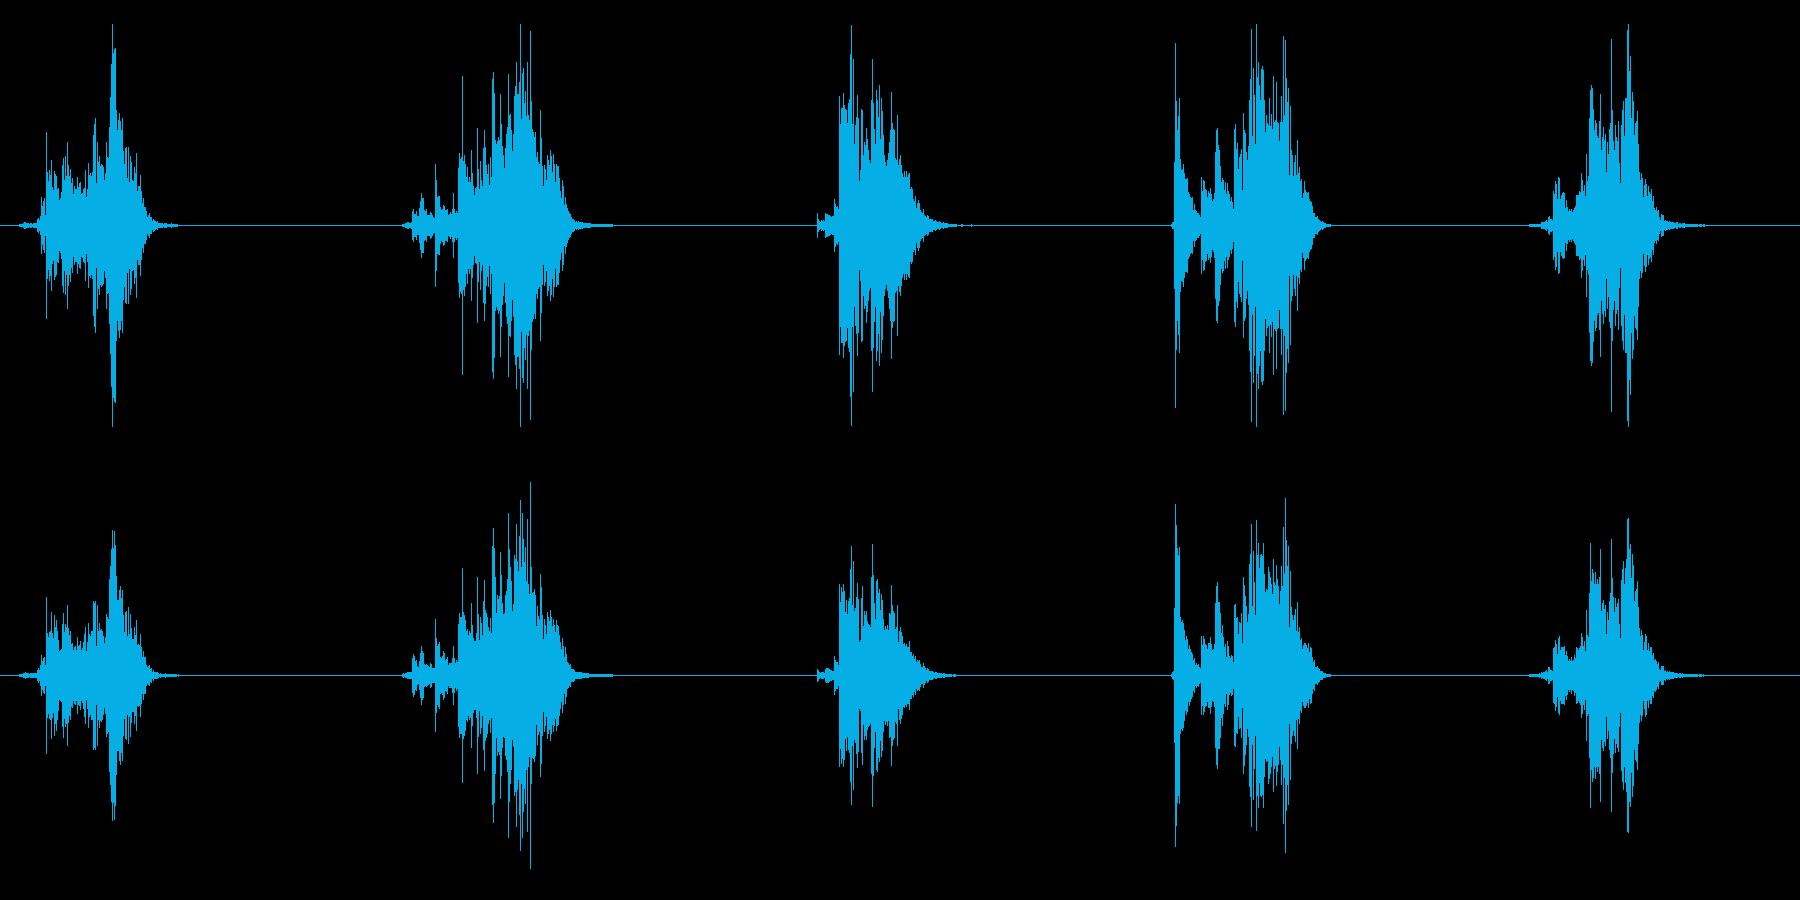 鍋、鍋、ふた巻きx5の再生済みの波形